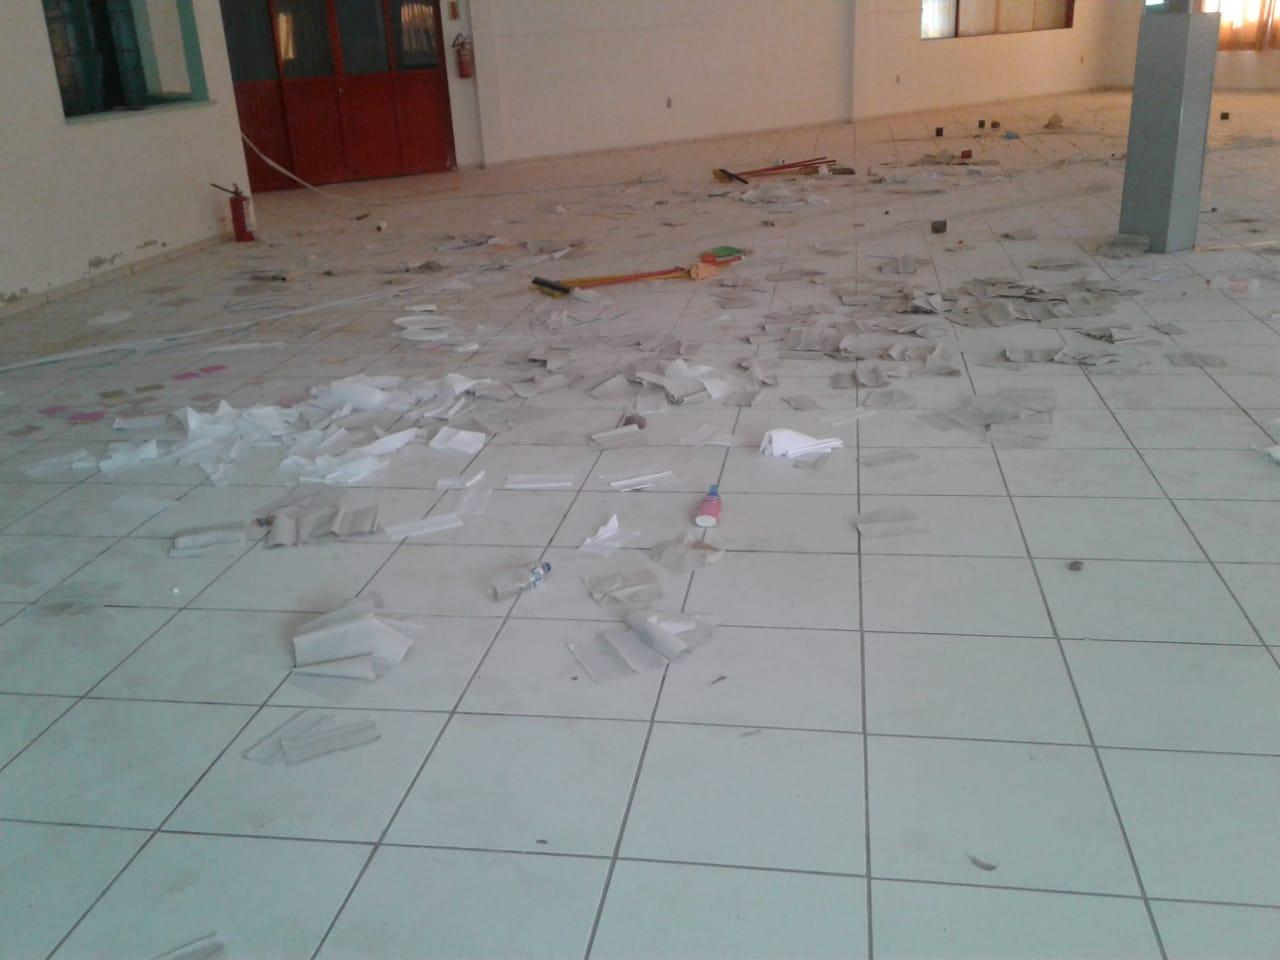 Vândalos invadem centro de múltiplo uso e danificam objetos